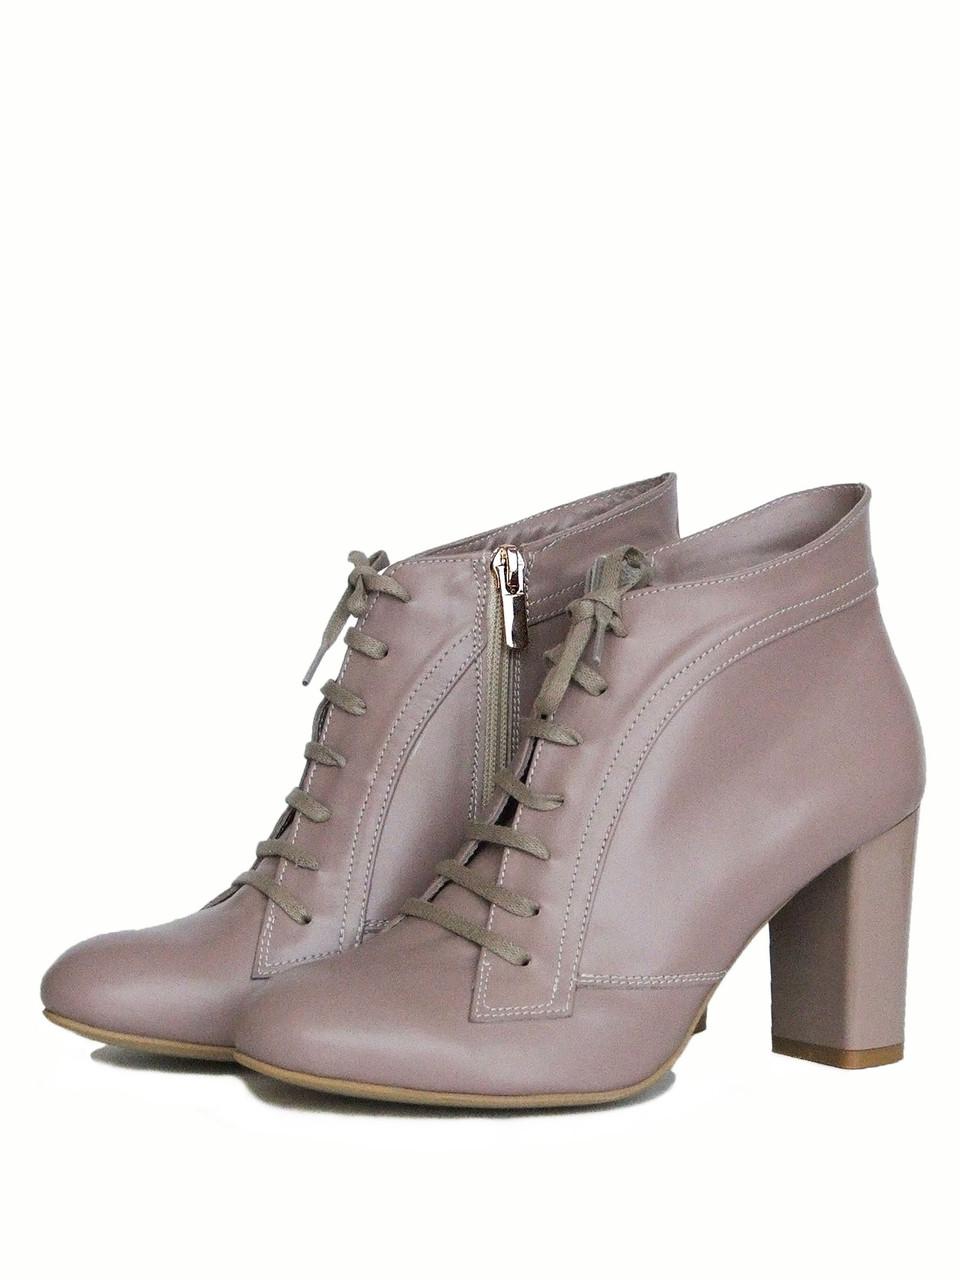 c3ebac4f Бежевые ботинки на каблуке со шнуровкой - купить по лучшей цене в ...